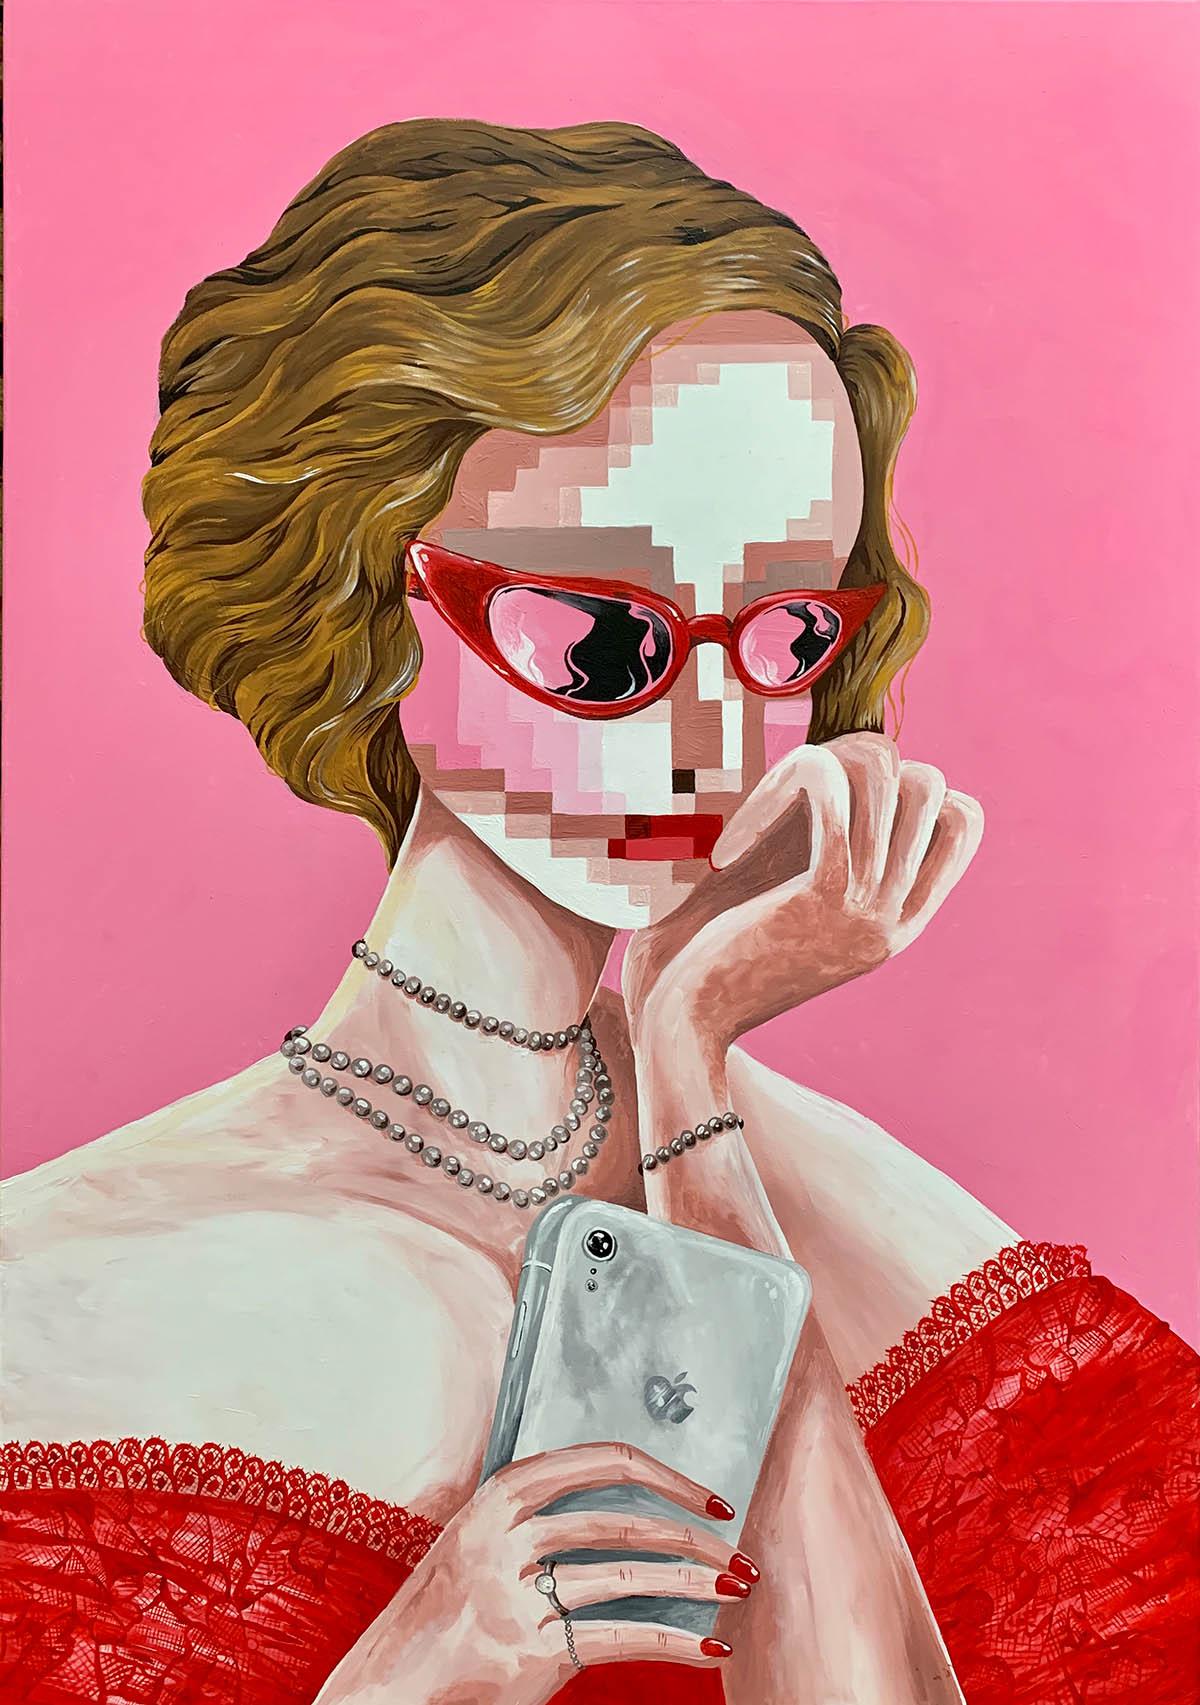 Artist. Mauro Bottone